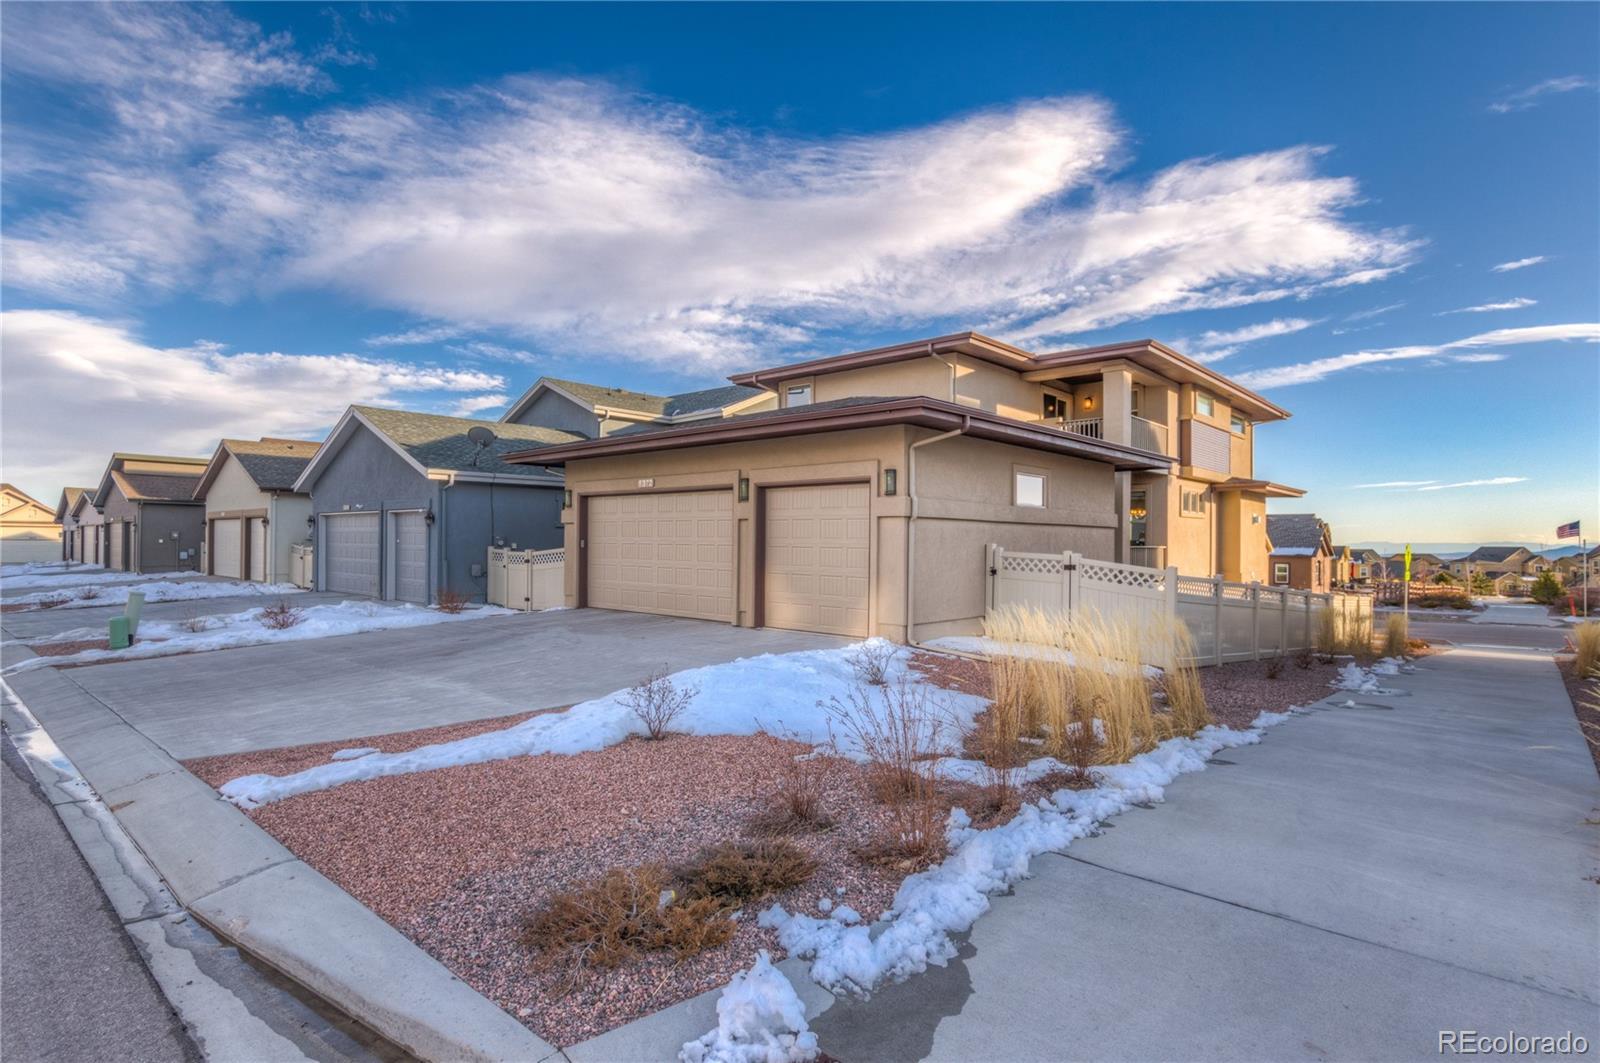 MLS# 9892836 - 38 - 6372 Cubbage Drive, Colorado Springs, CO 80924